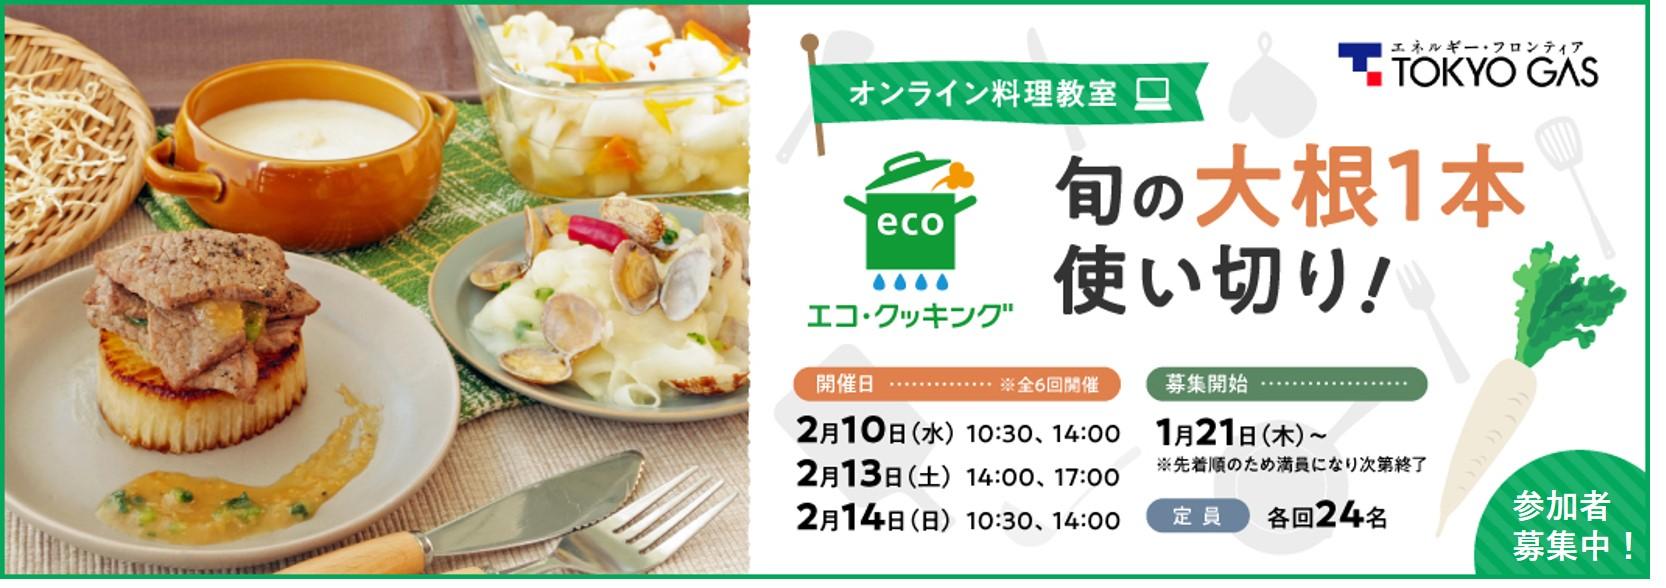 <エコ・クッキング>旬の大根1本使い切り!オンライン料理教室開催!